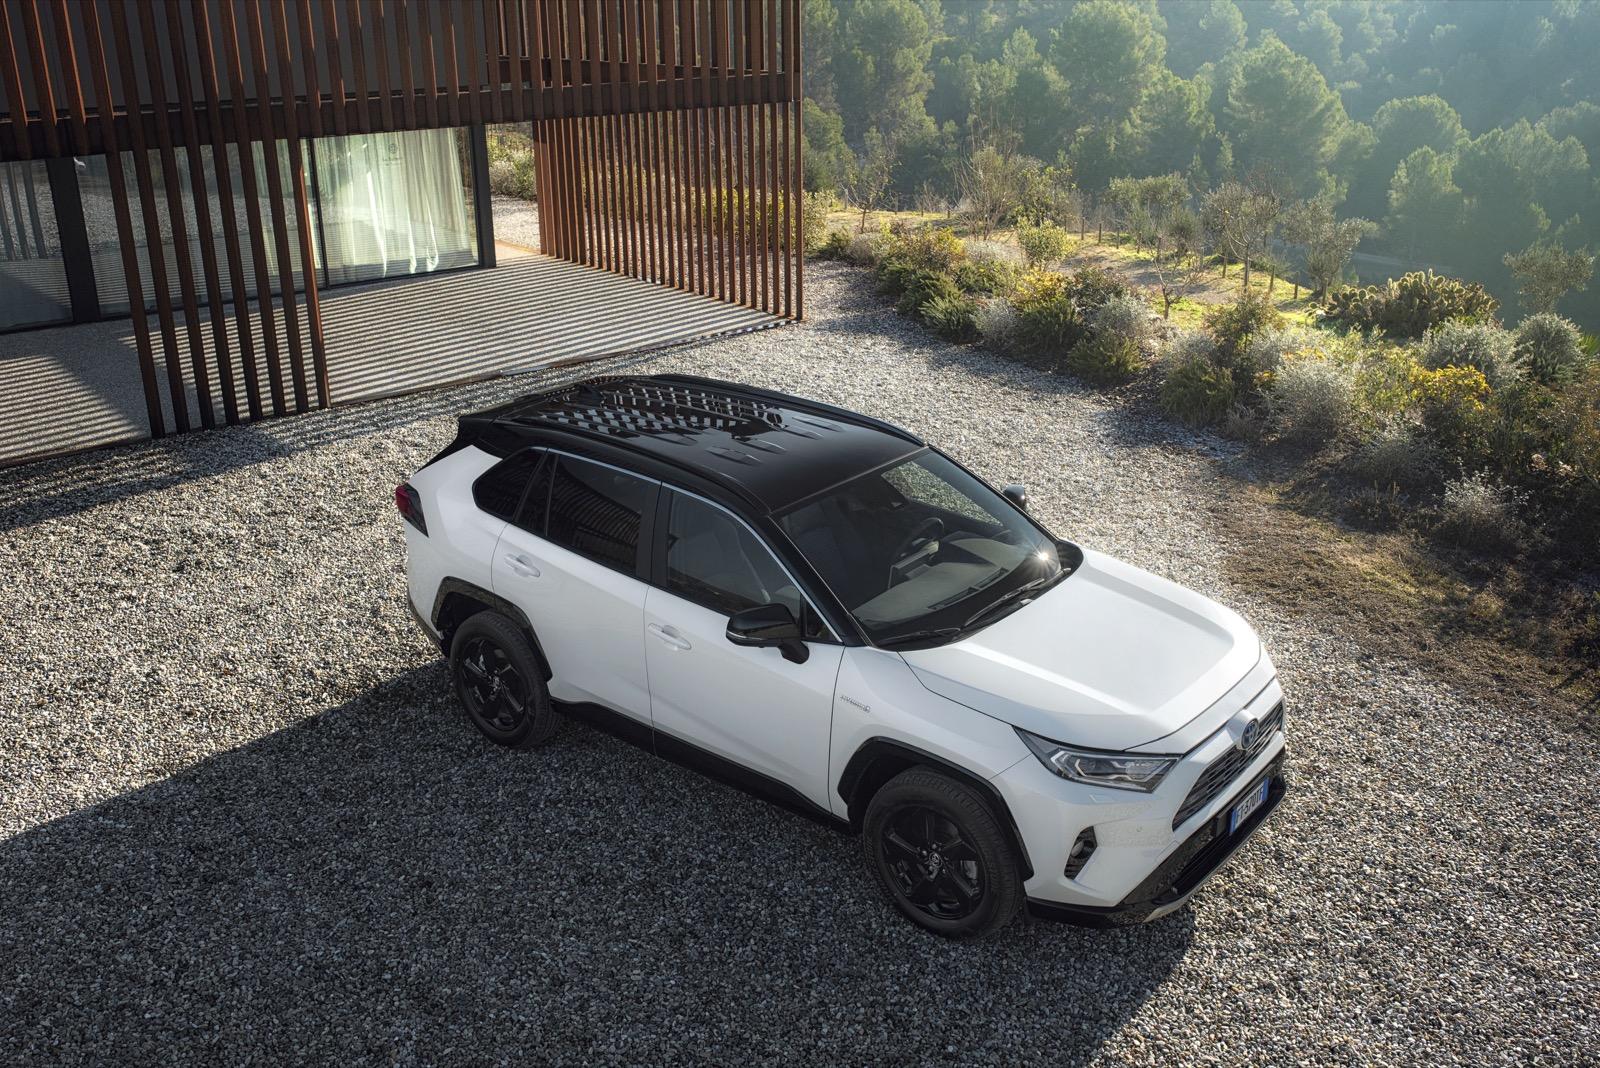 2019 Toyota Rav4 Stat 09 675100